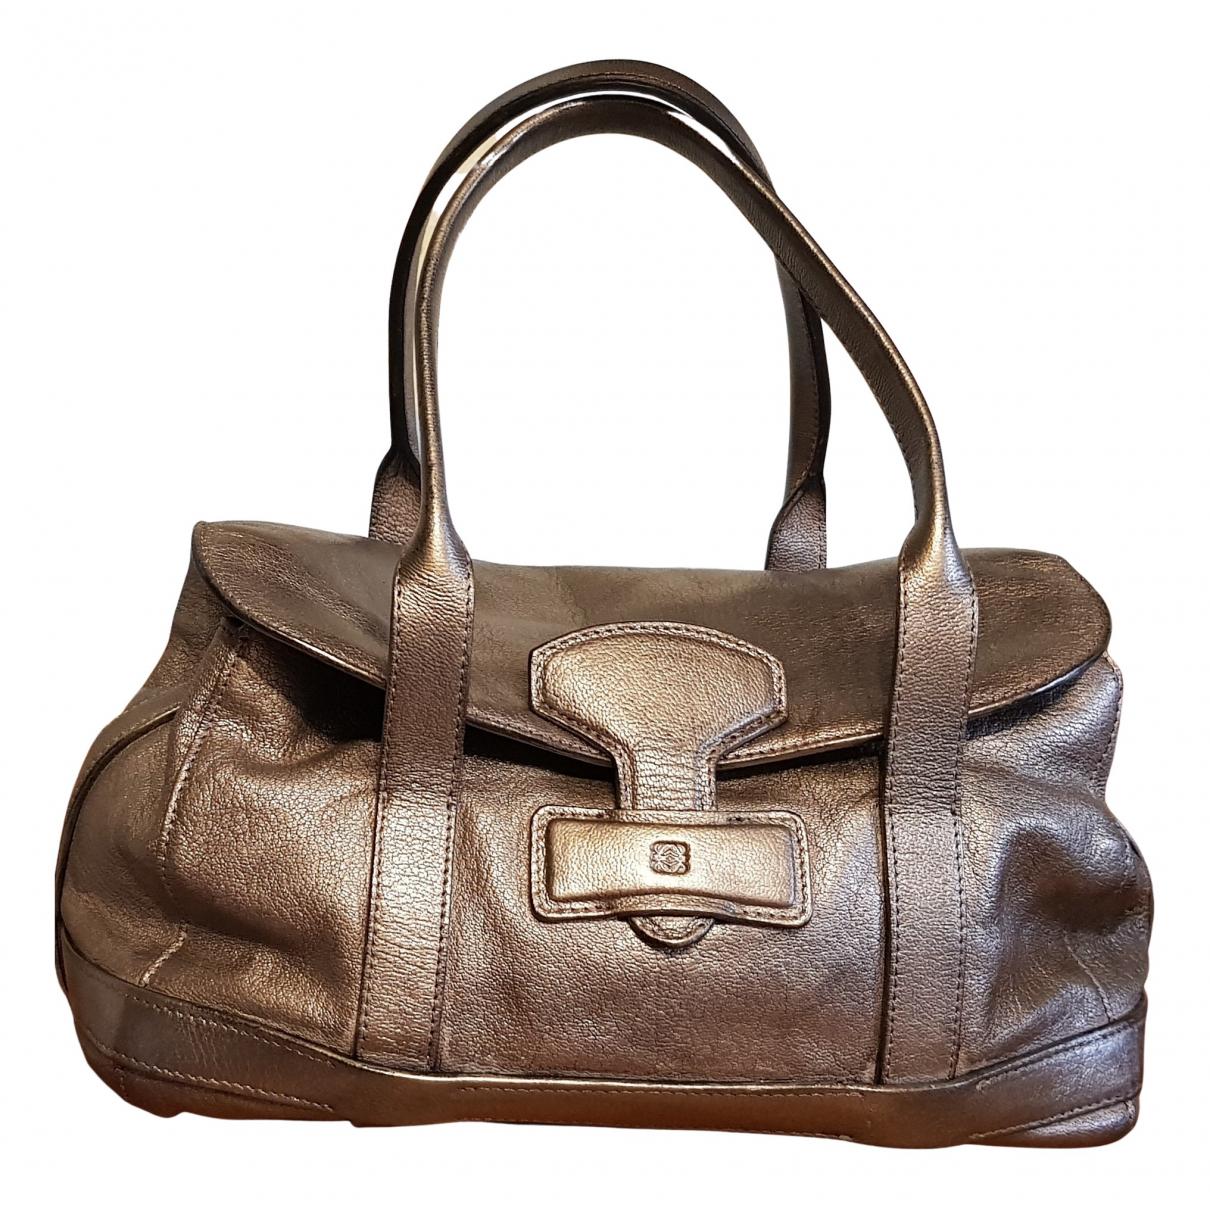 Loewe - Sac a main   pour femme en cuir - metallise